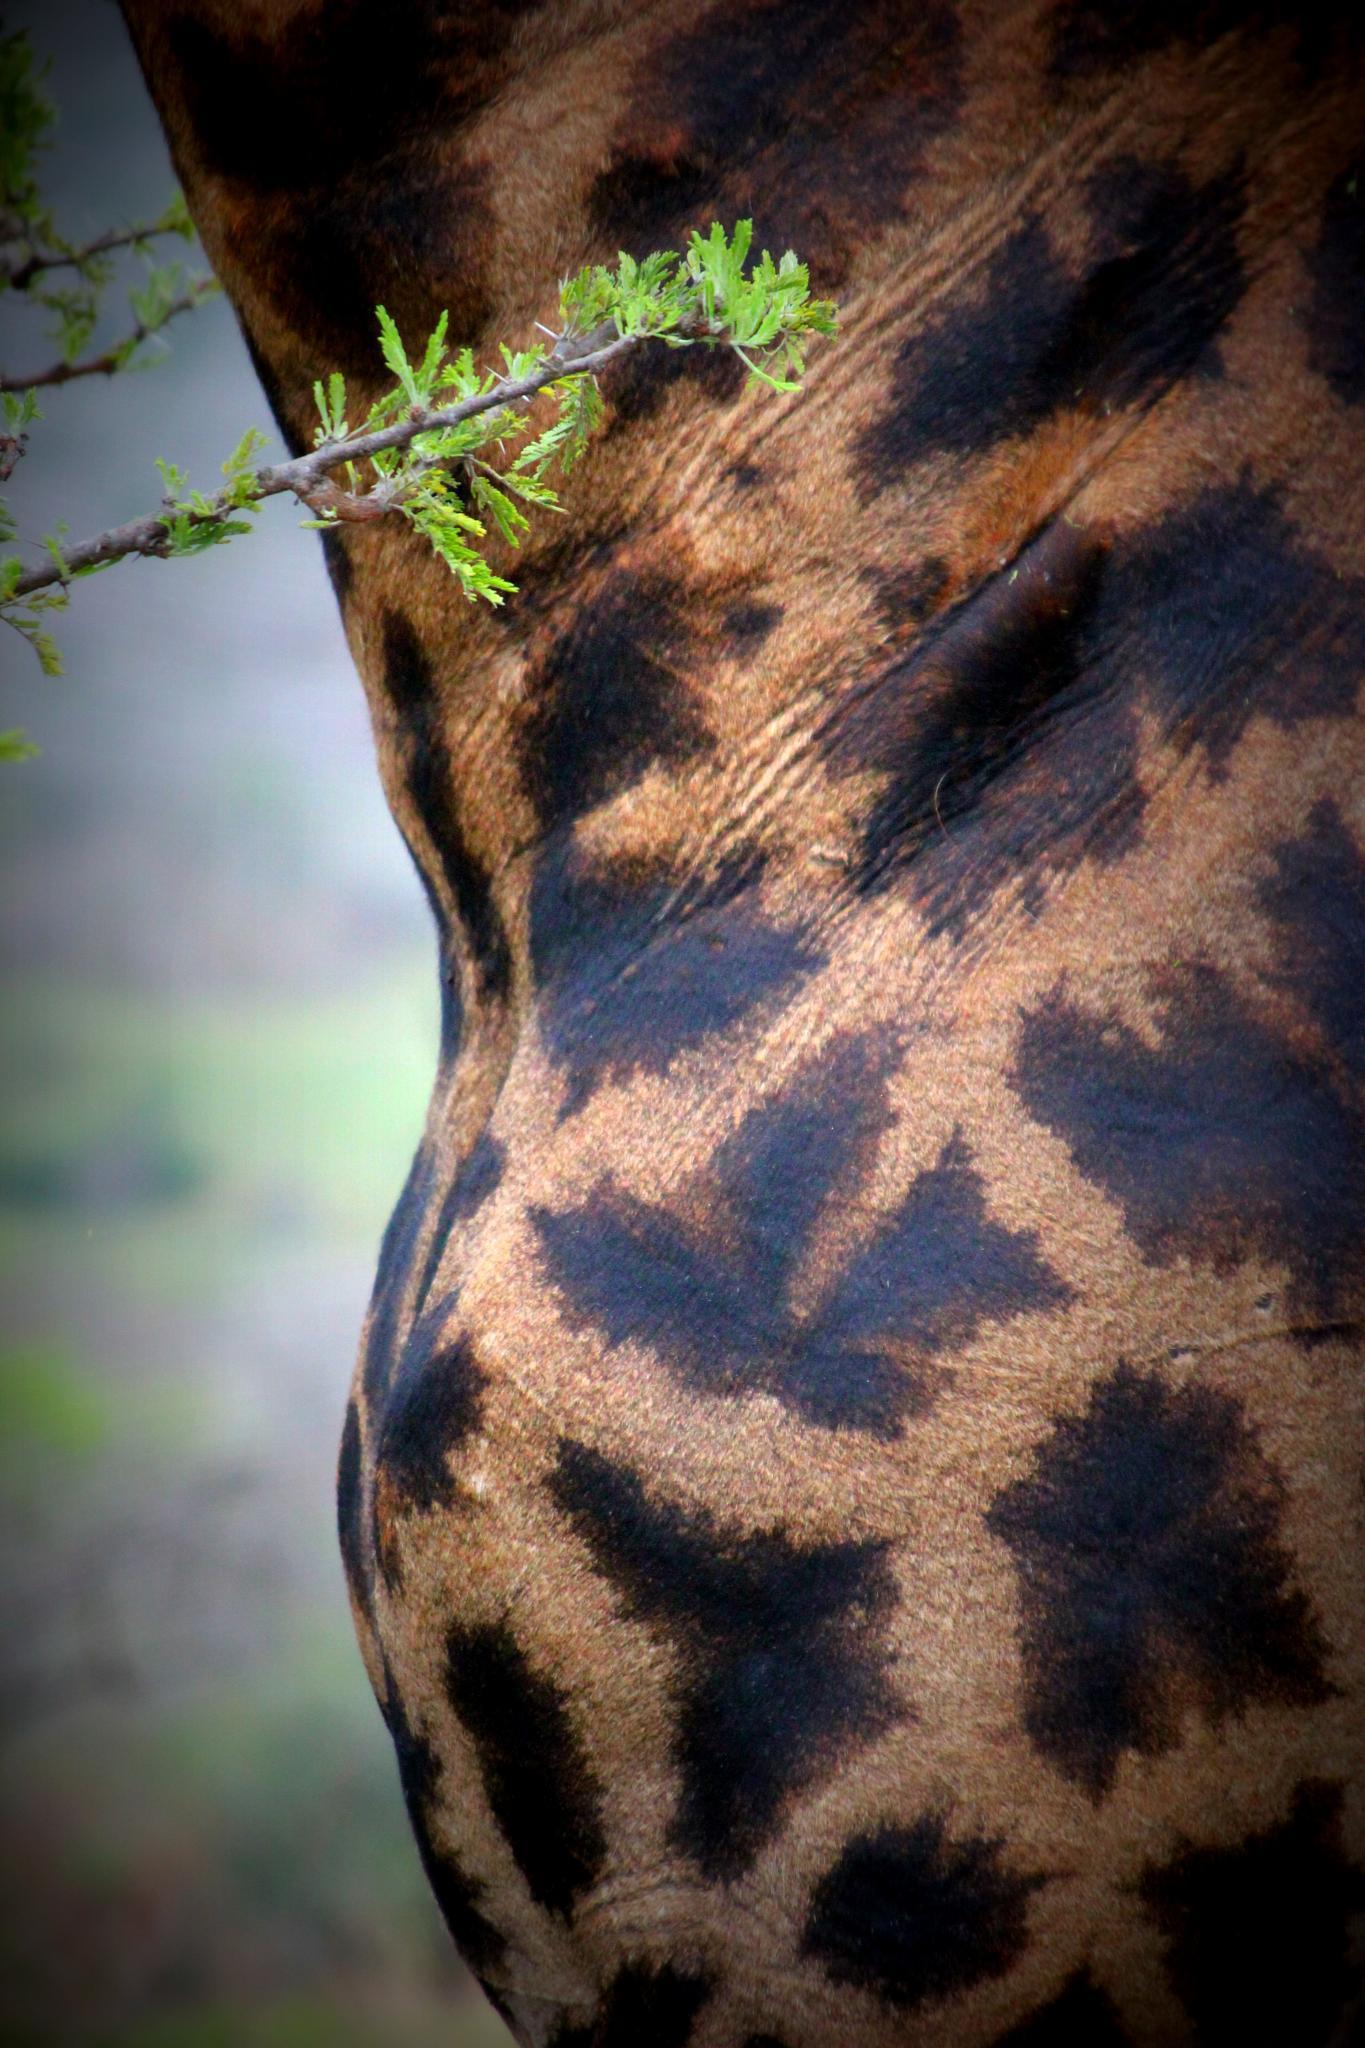 Wild giraffe by selien.kimpe